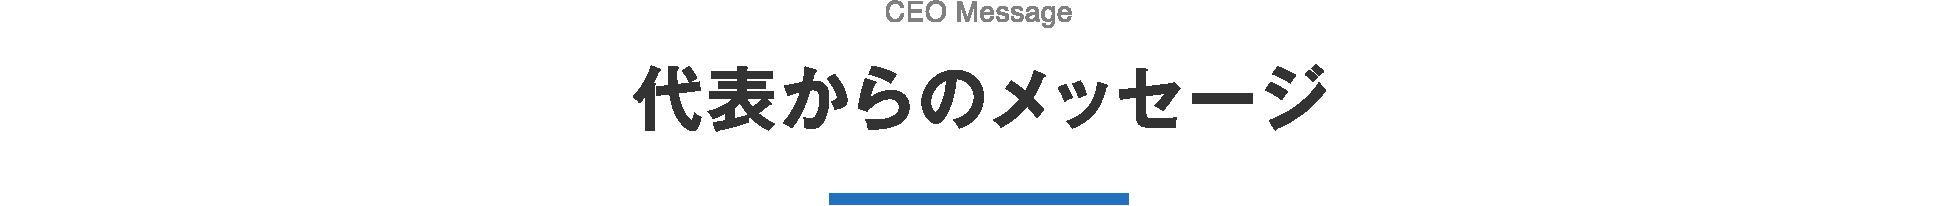 代表からのメッセージ CEO Message